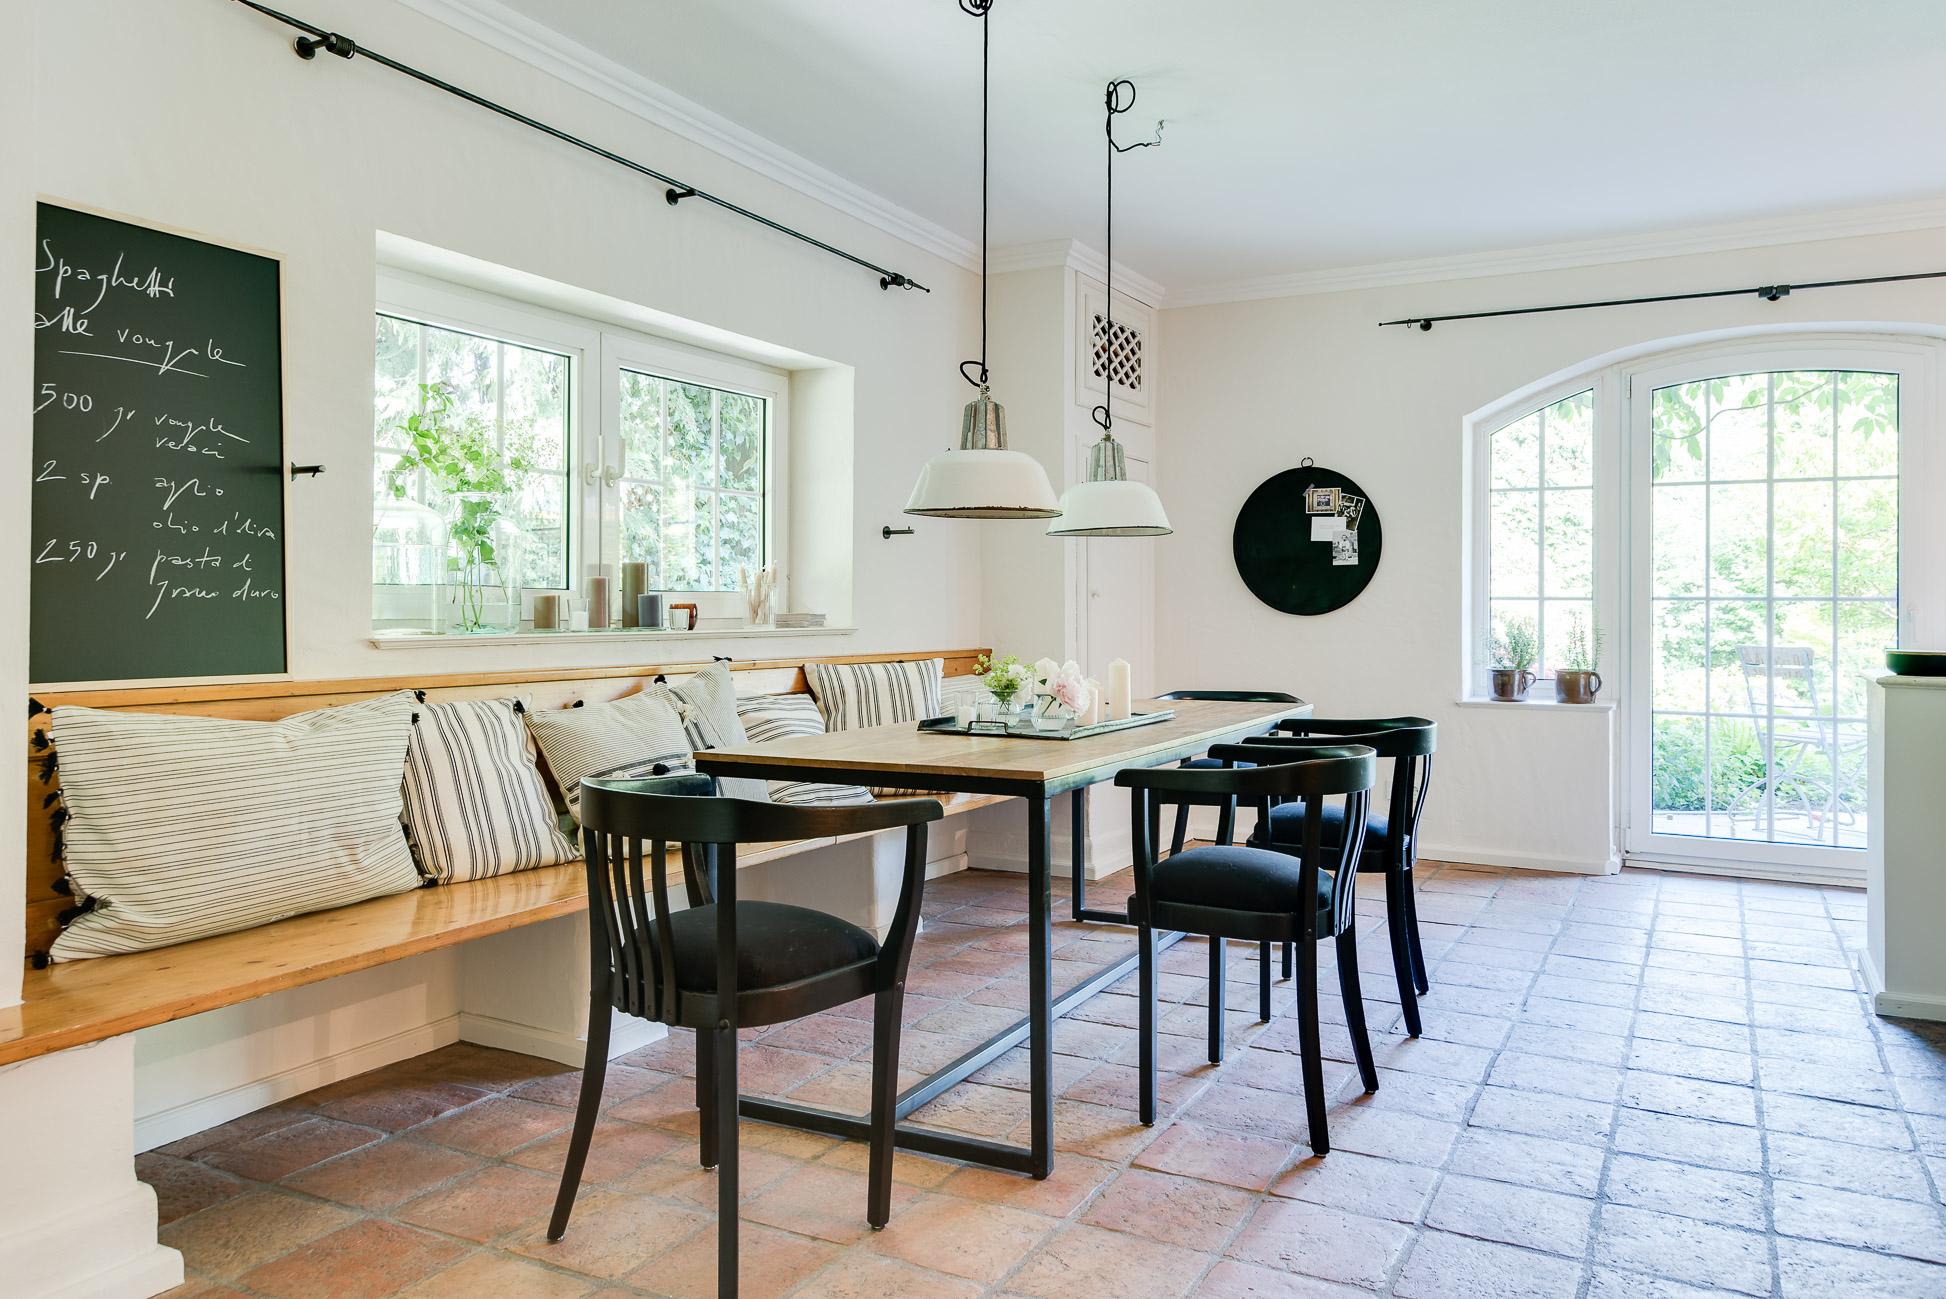 küche1_N.jpg